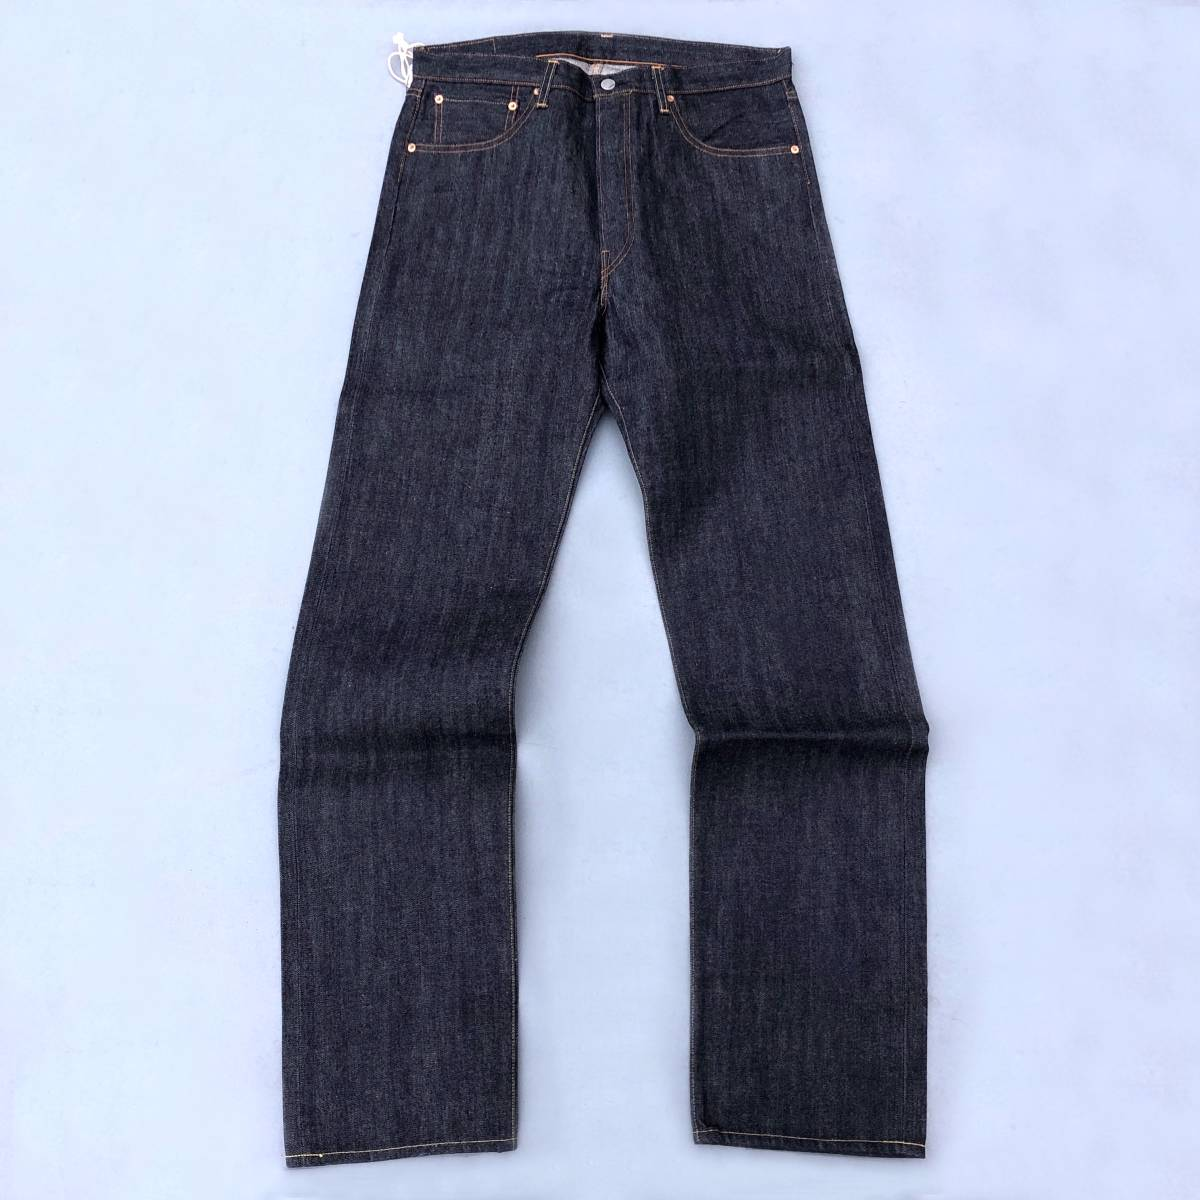 旧 米国製 1955モデル 日本企画 LEVI'S VINTAGE CLOTHING 501XX 55501-0051 W34 L36 リジッド 新品デニムパンツ アメリカUSA製 50s 55s LVC_画像5